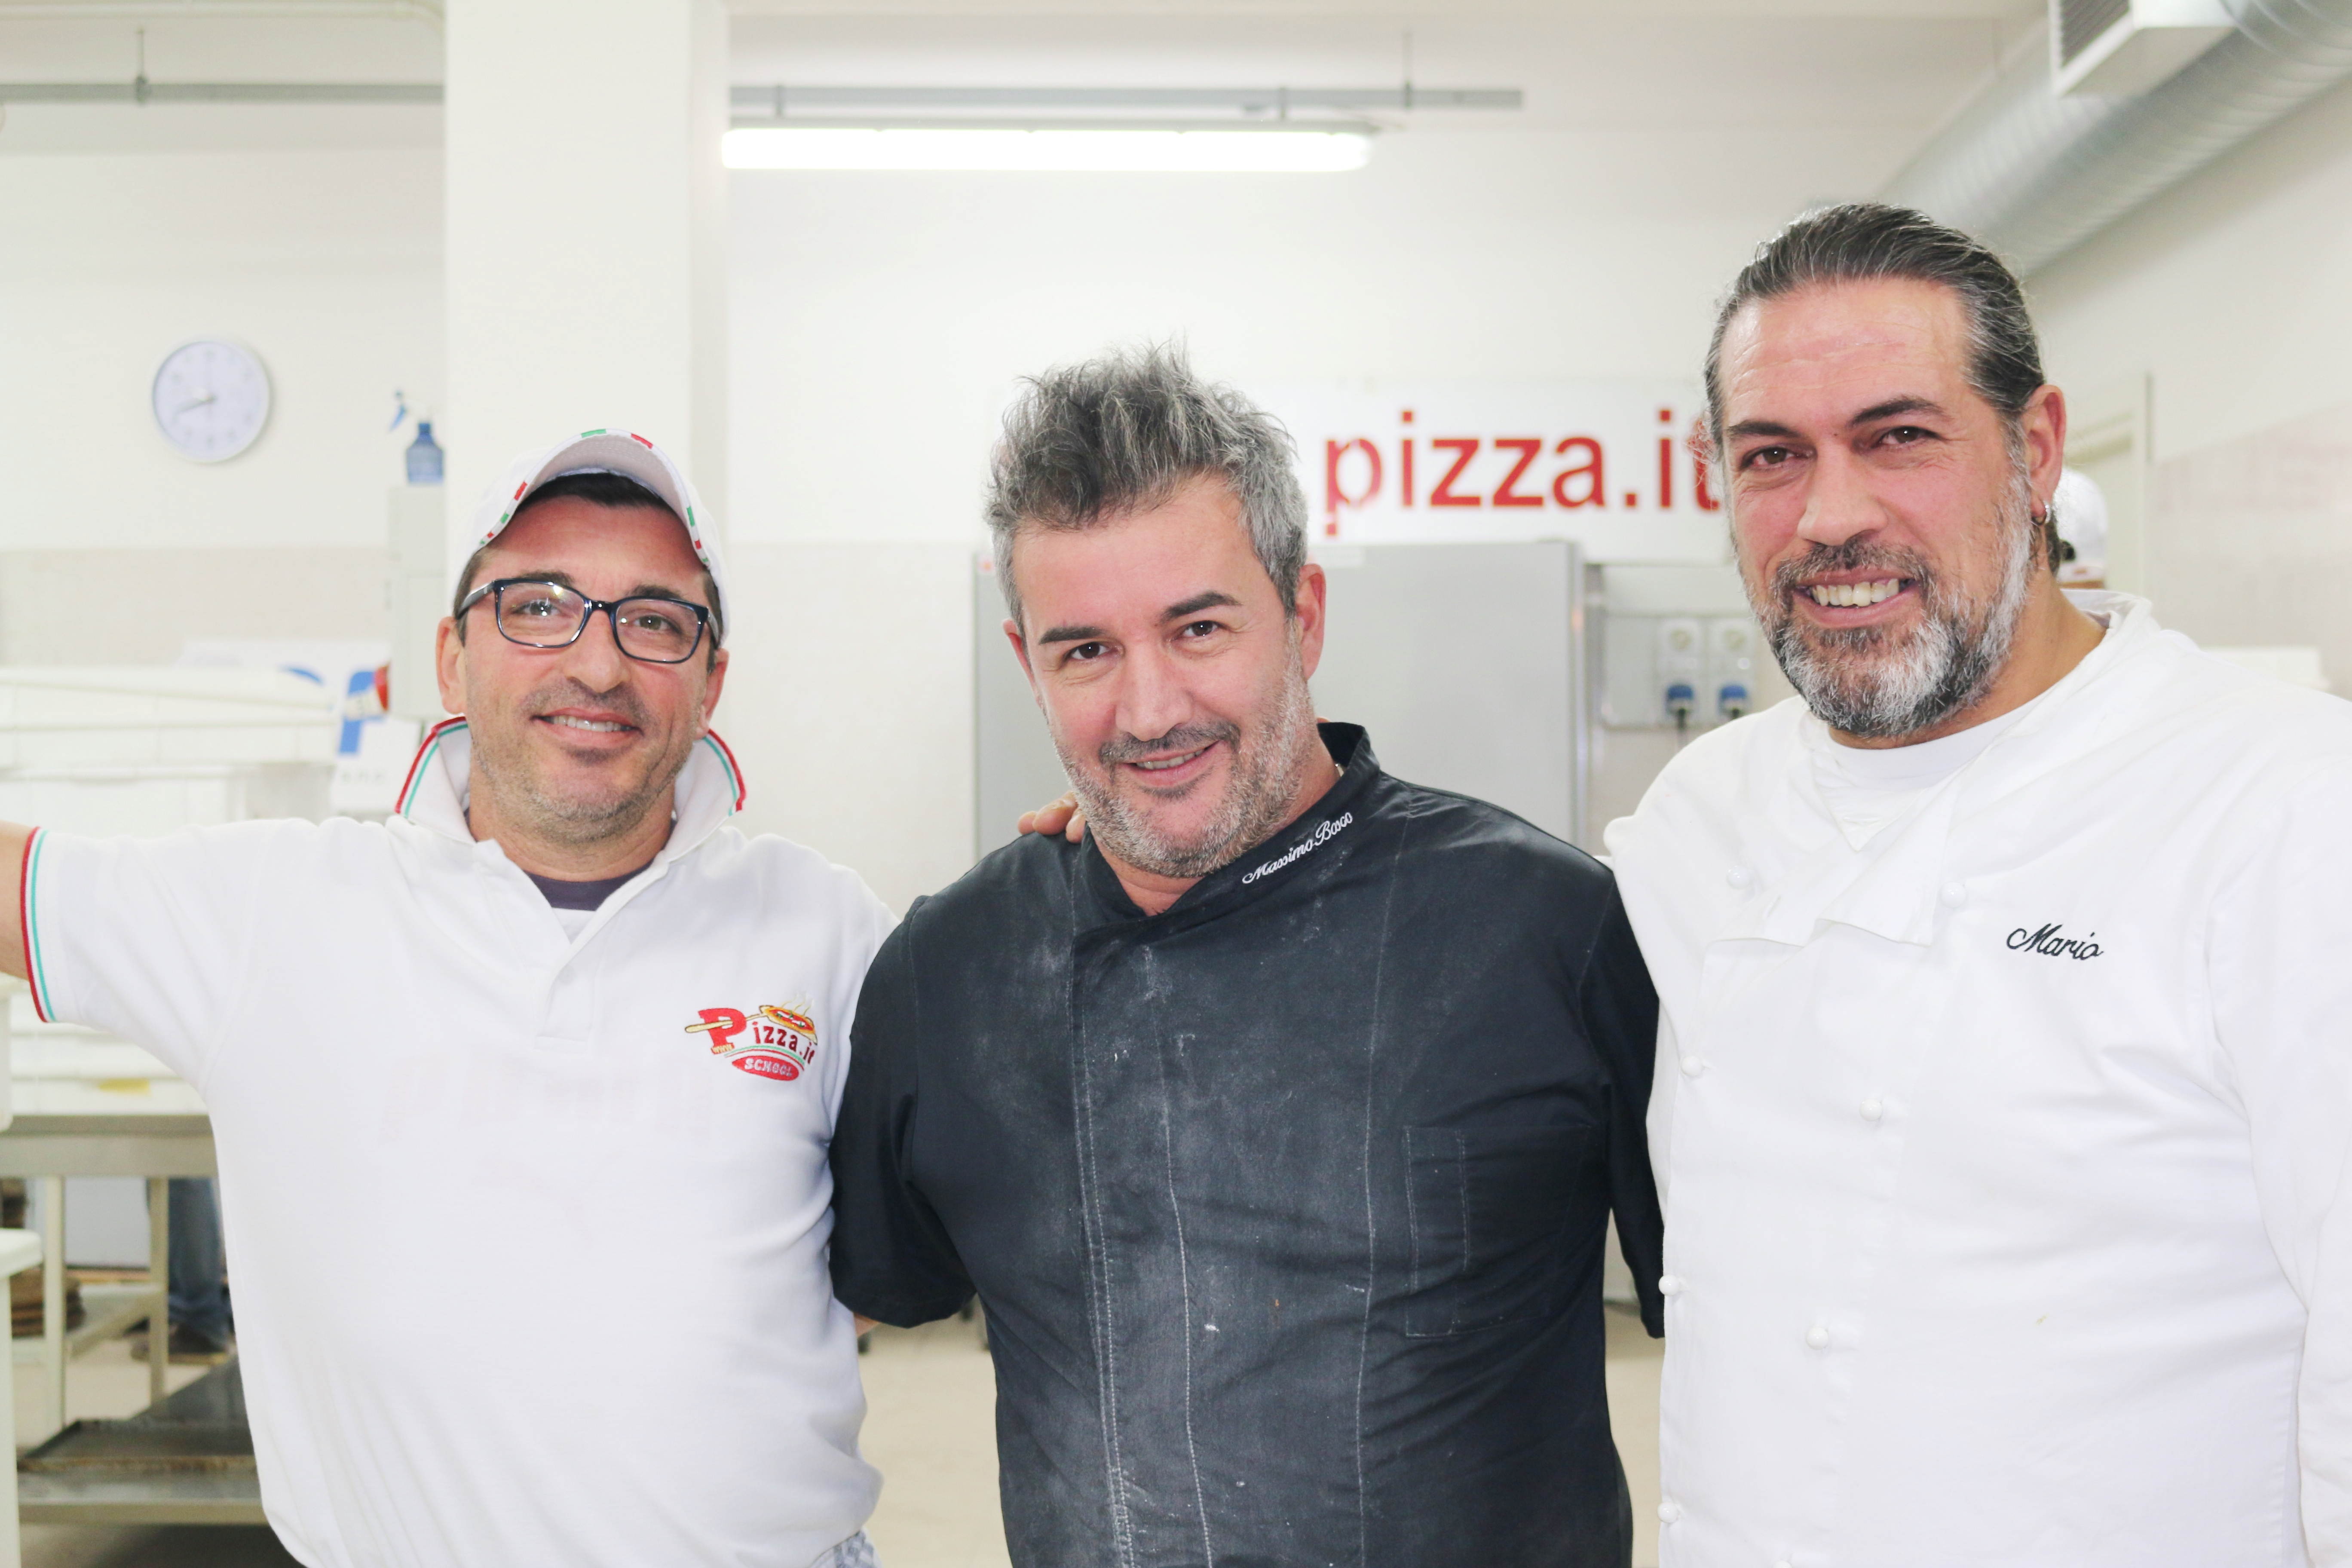 Pizza.it School e Massimo Bosco, Giammario Raschini, Massimo Quondamatteo